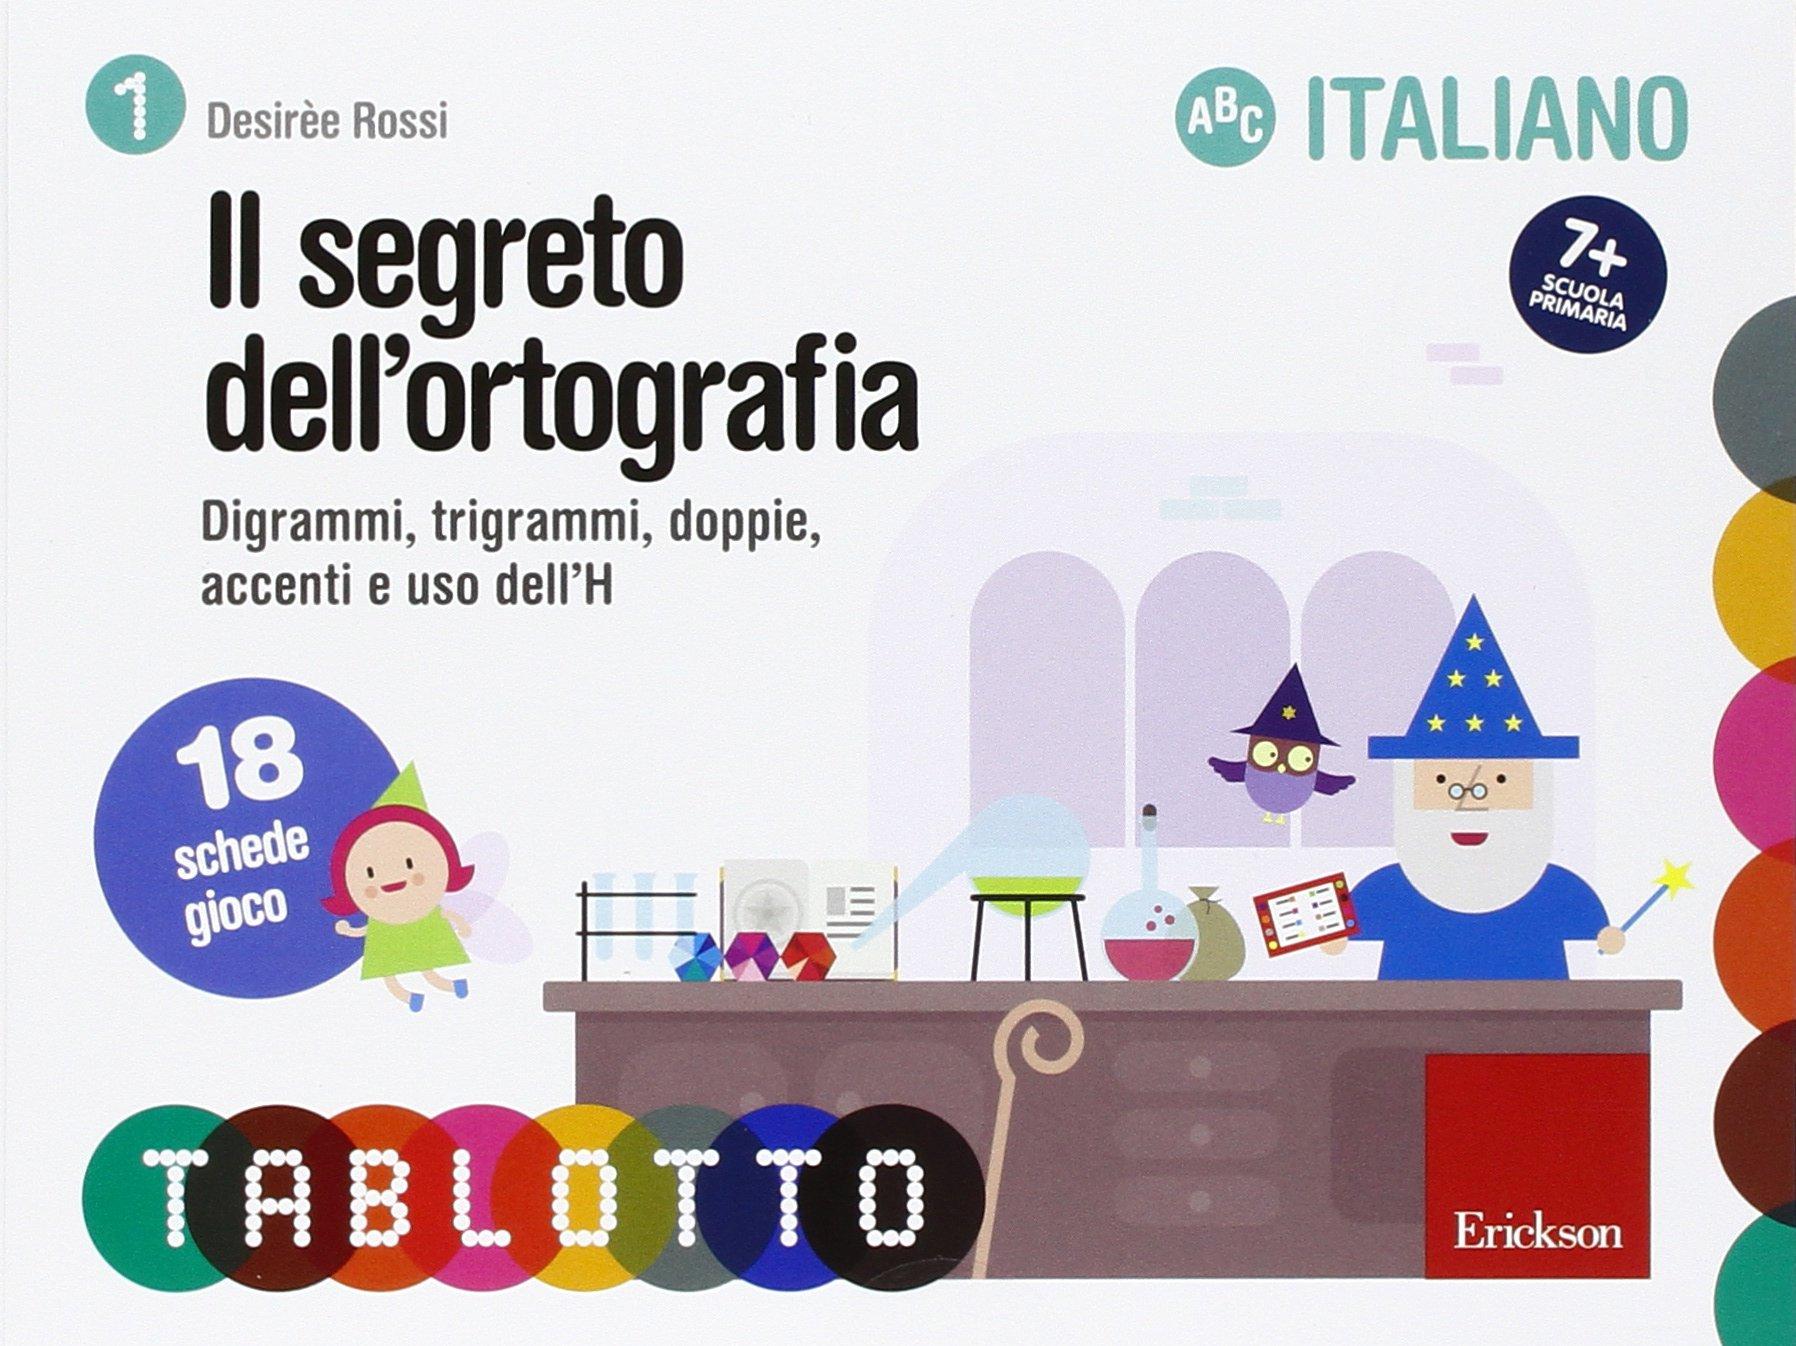 Amazonit Astuccio Delle Regole Di Italiano Nicoletta Farmeschi